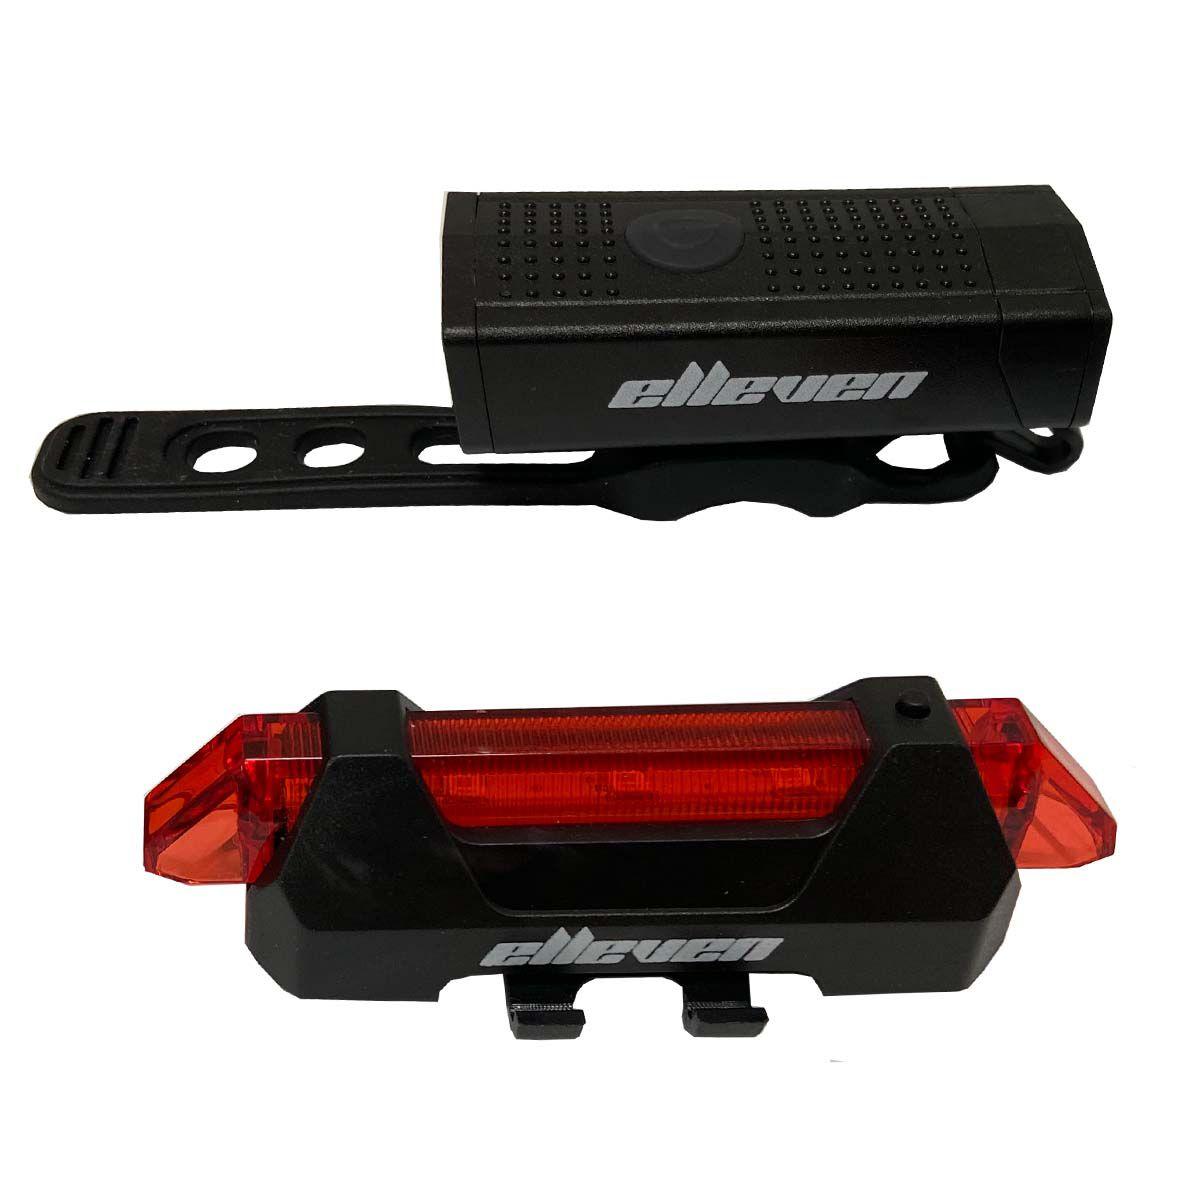 Iluminação Dianteira e Traseira USB Elleven Para Bicicleta